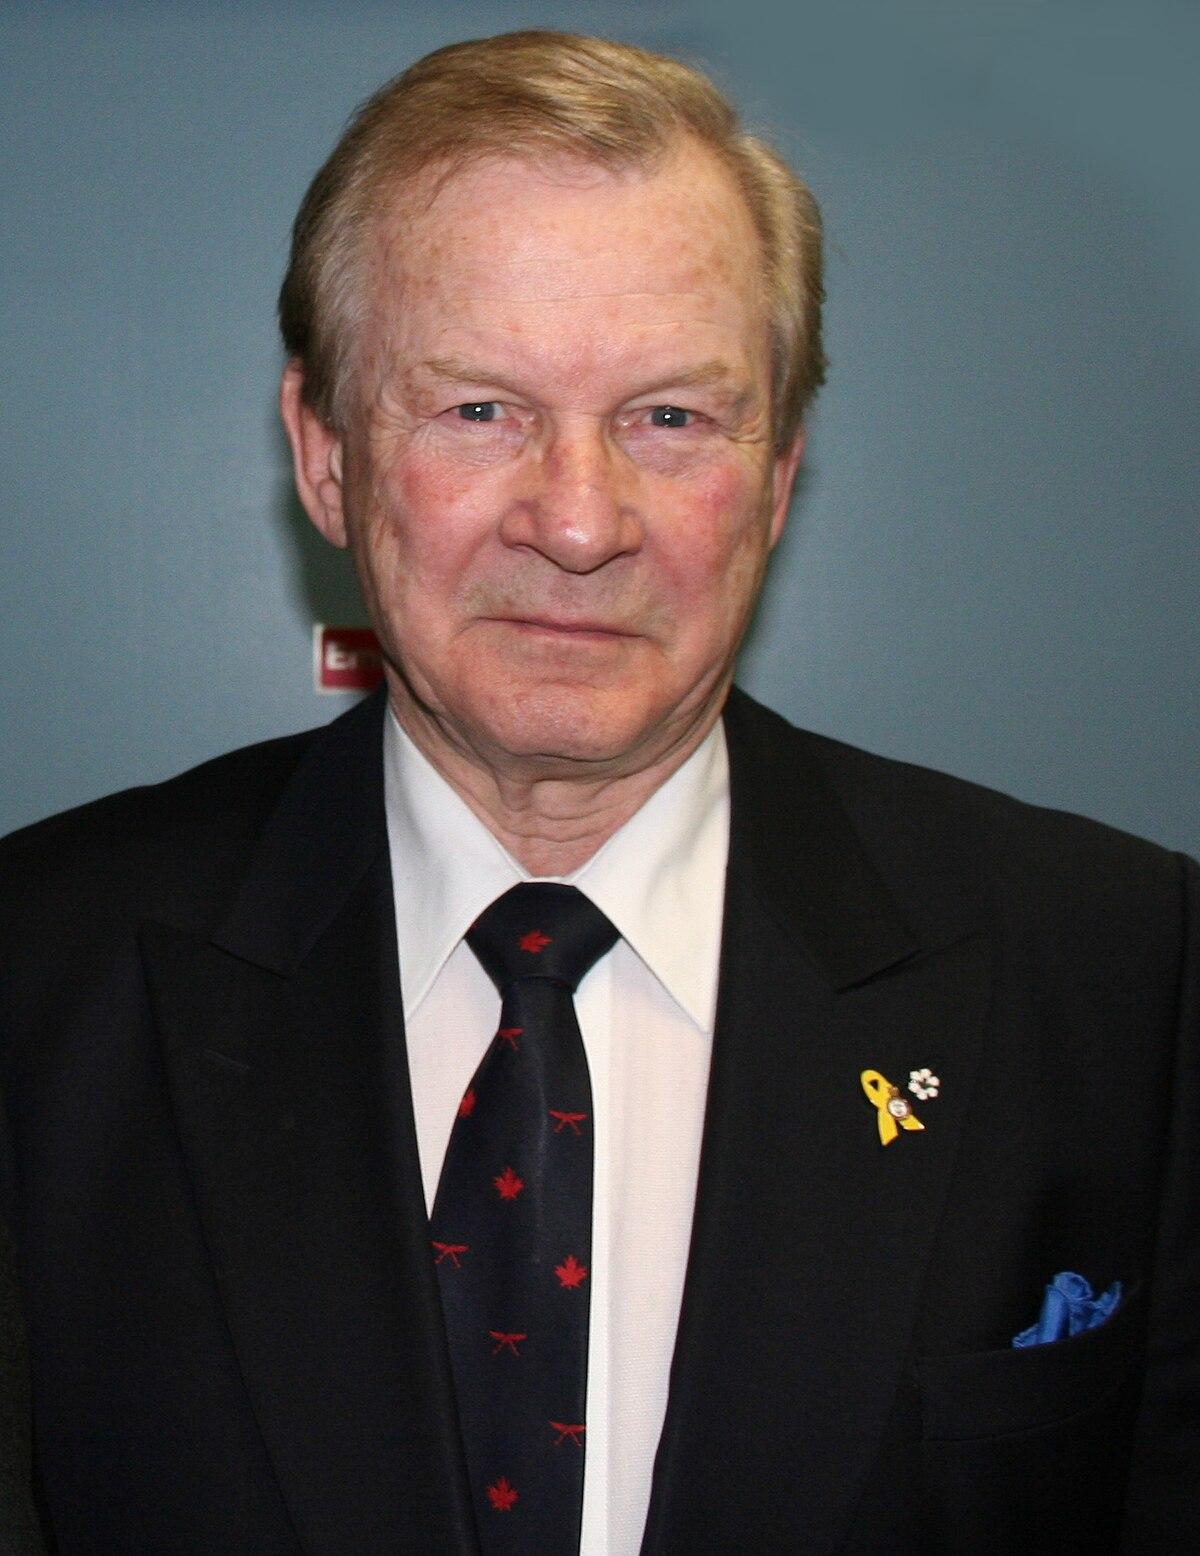 Lewis MacKenzie - Wikipedia